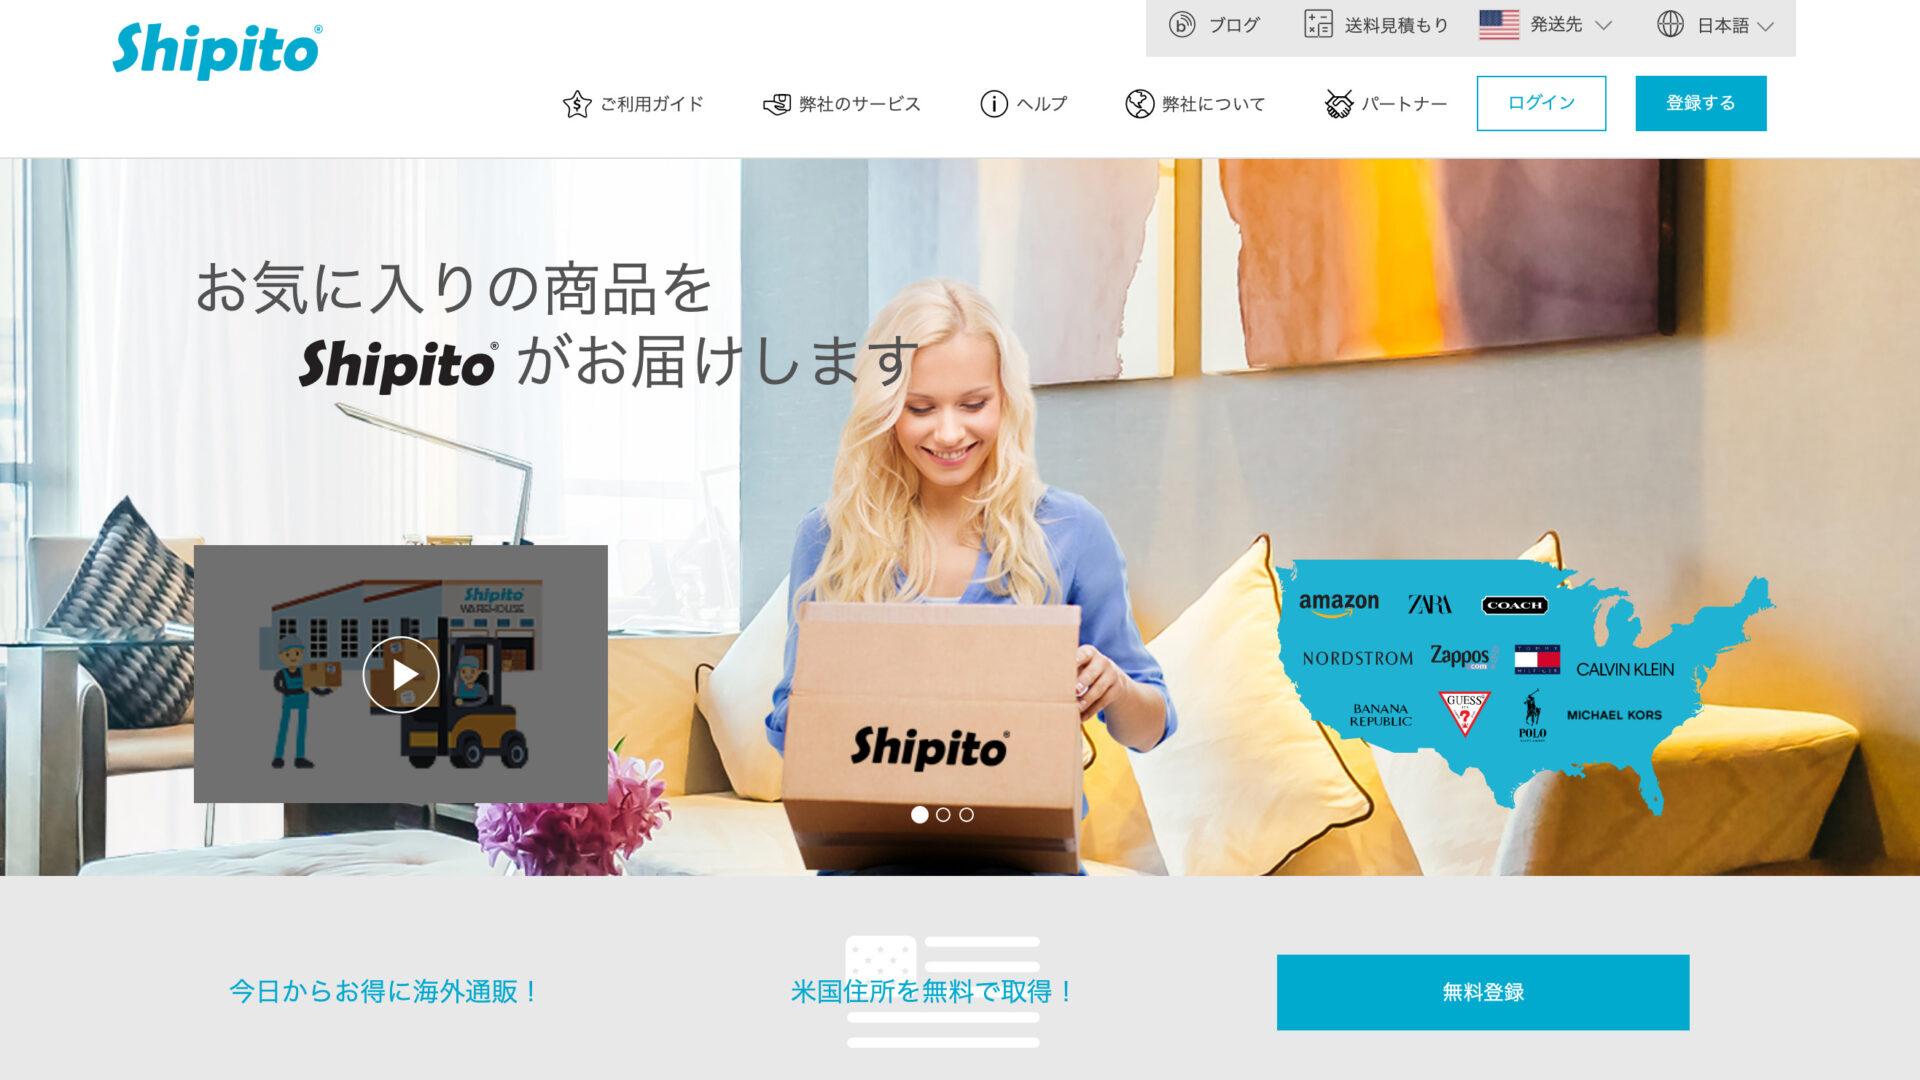 Shipito(シピットゥ)海外からの転送サービスの使い方